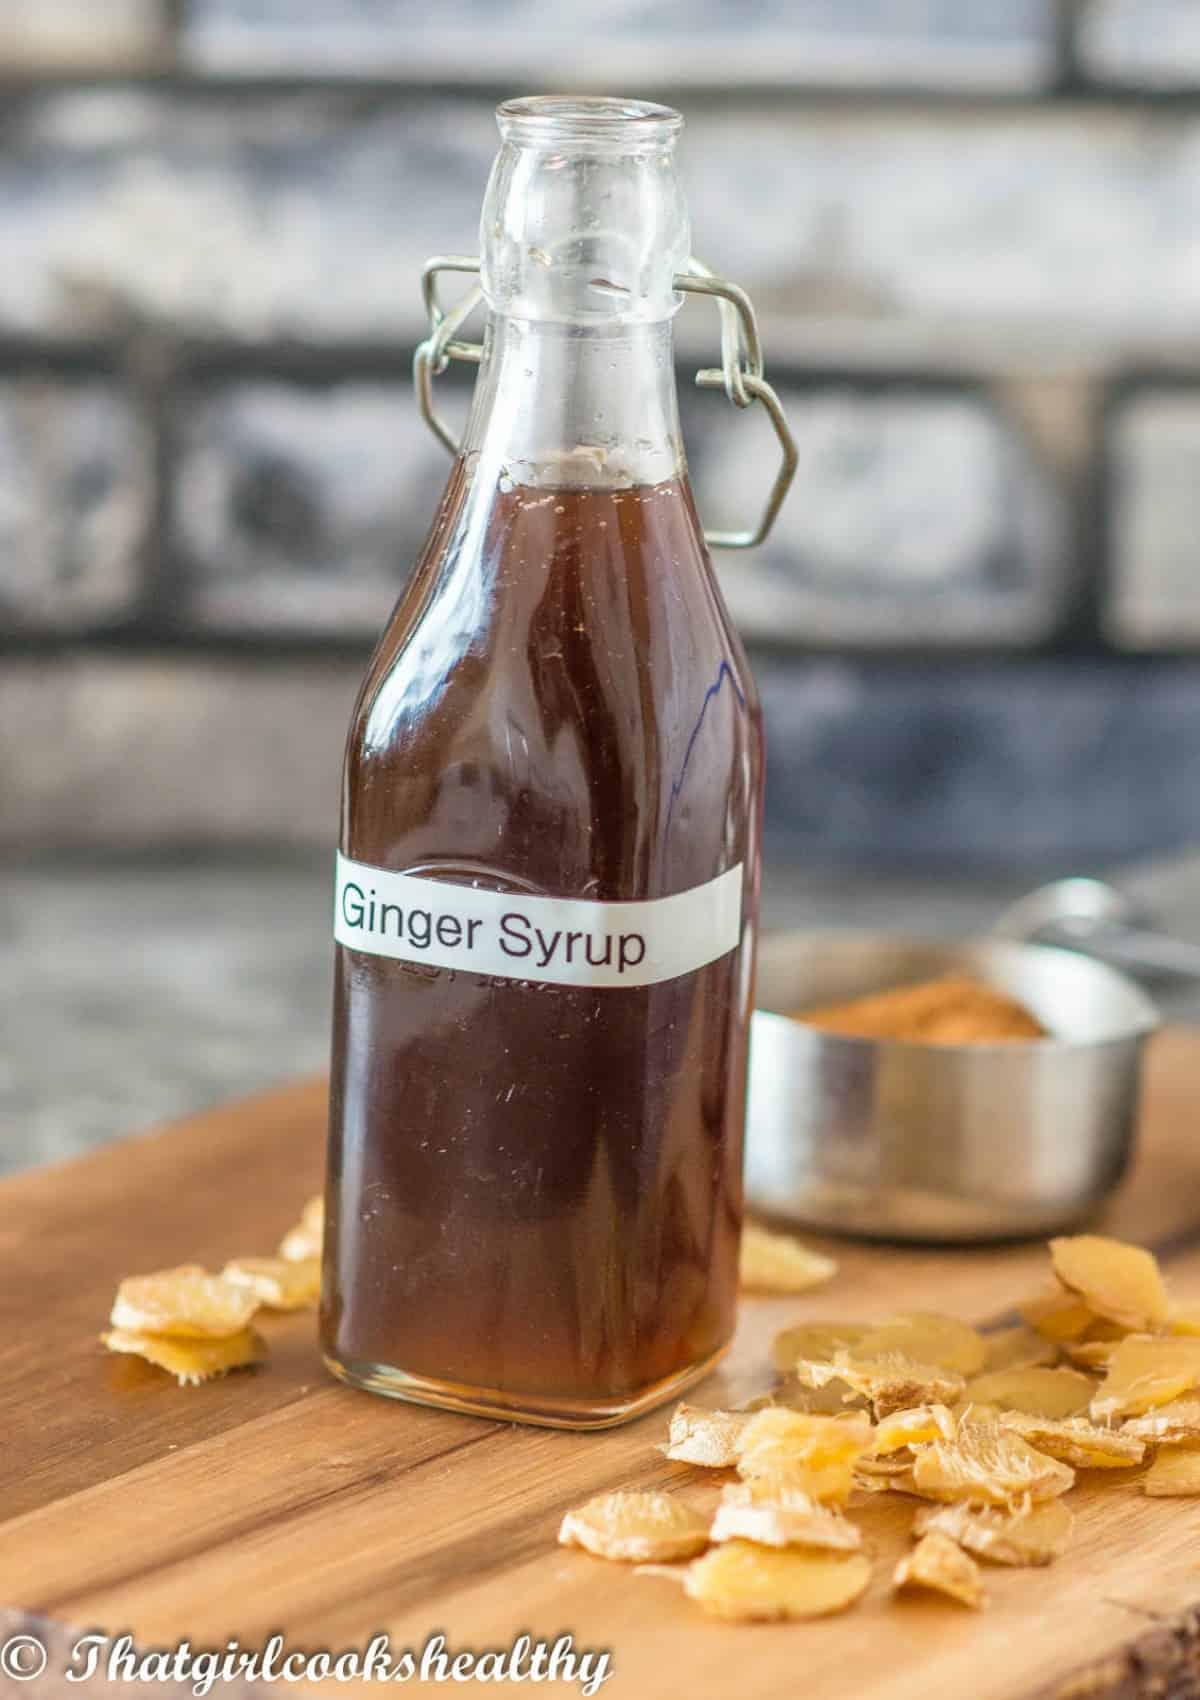 labelled bottle of ginger syrup